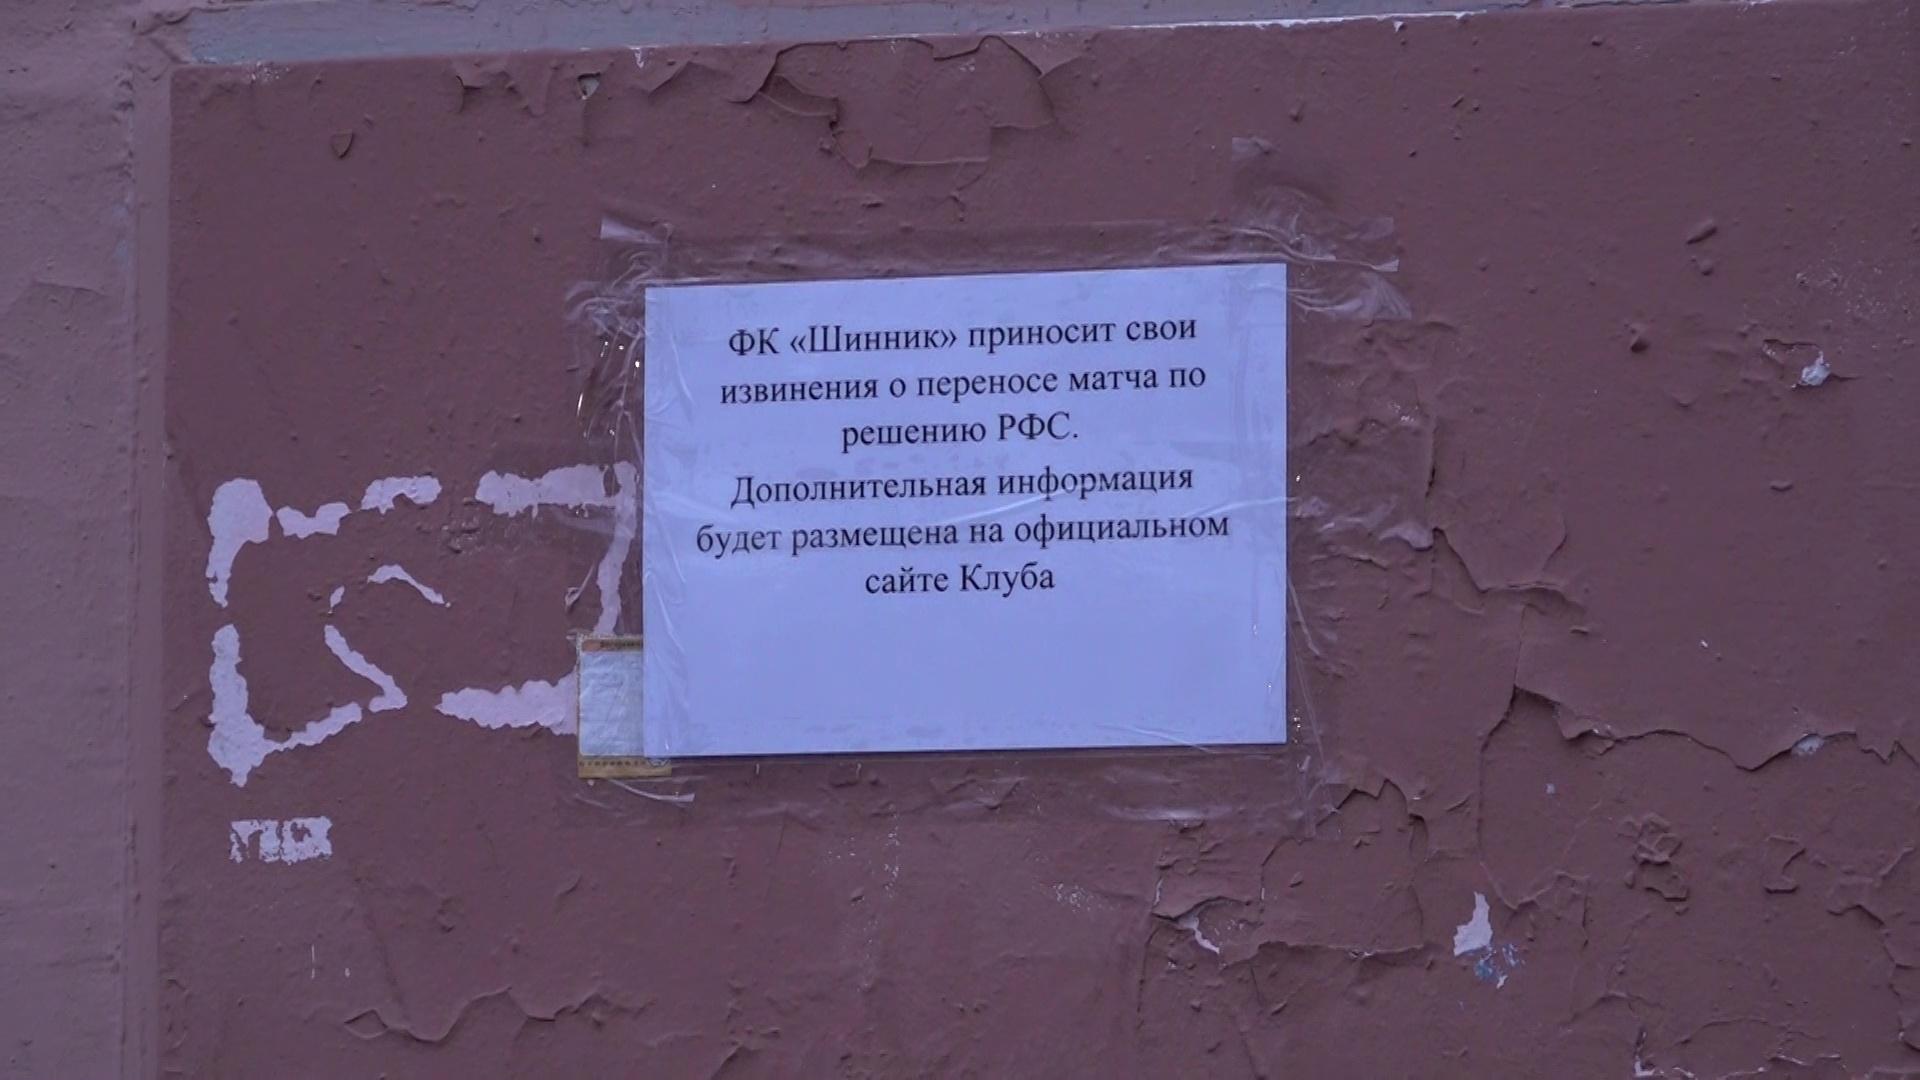 Болельщики «Шинника» поделились своим мнением по поводу отмены матча